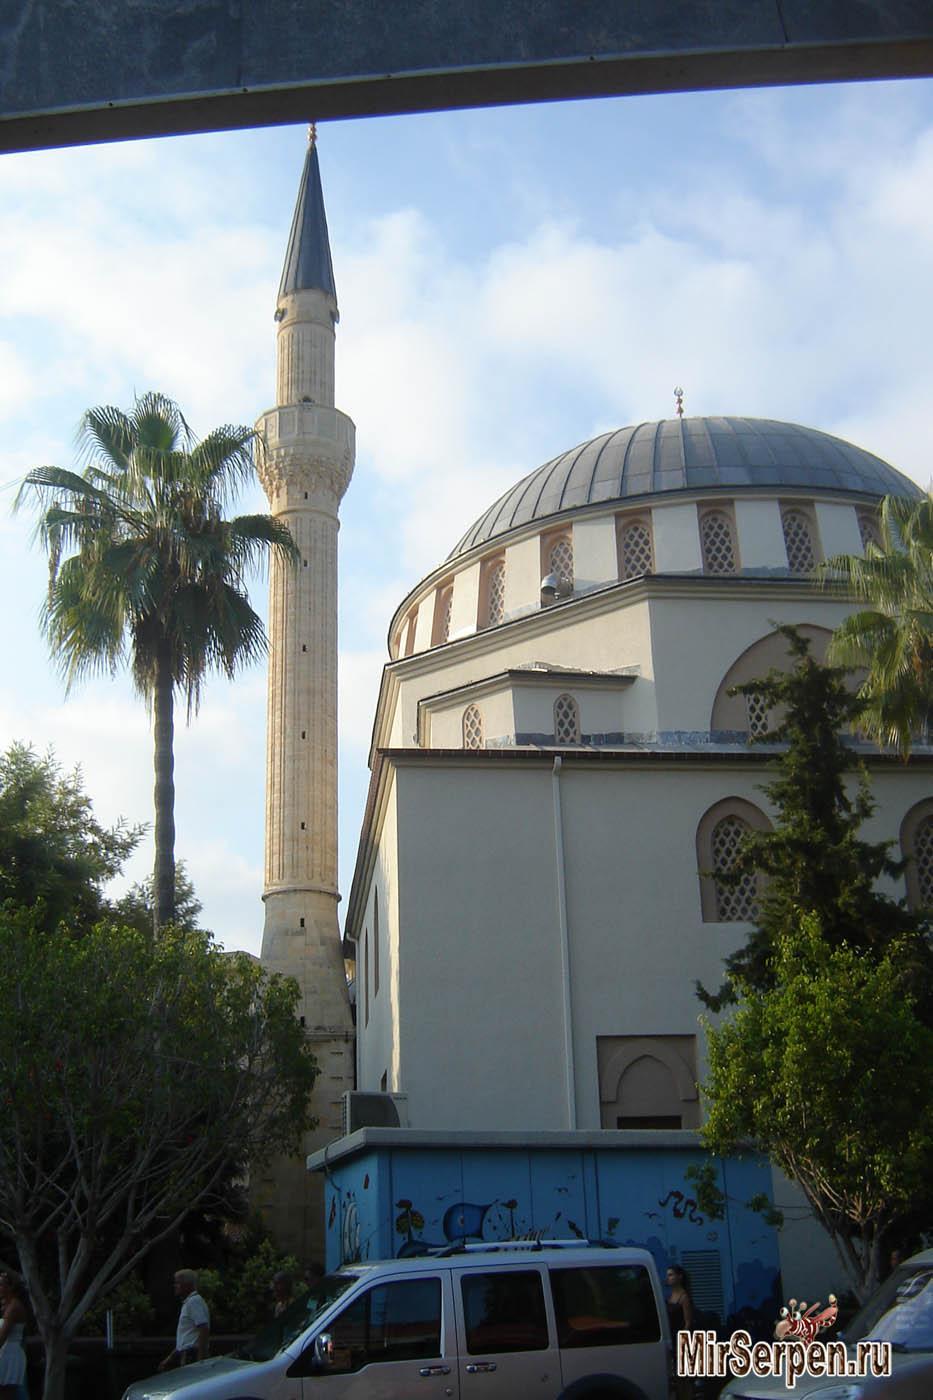 Как выгодно обменять деньги в Турции?